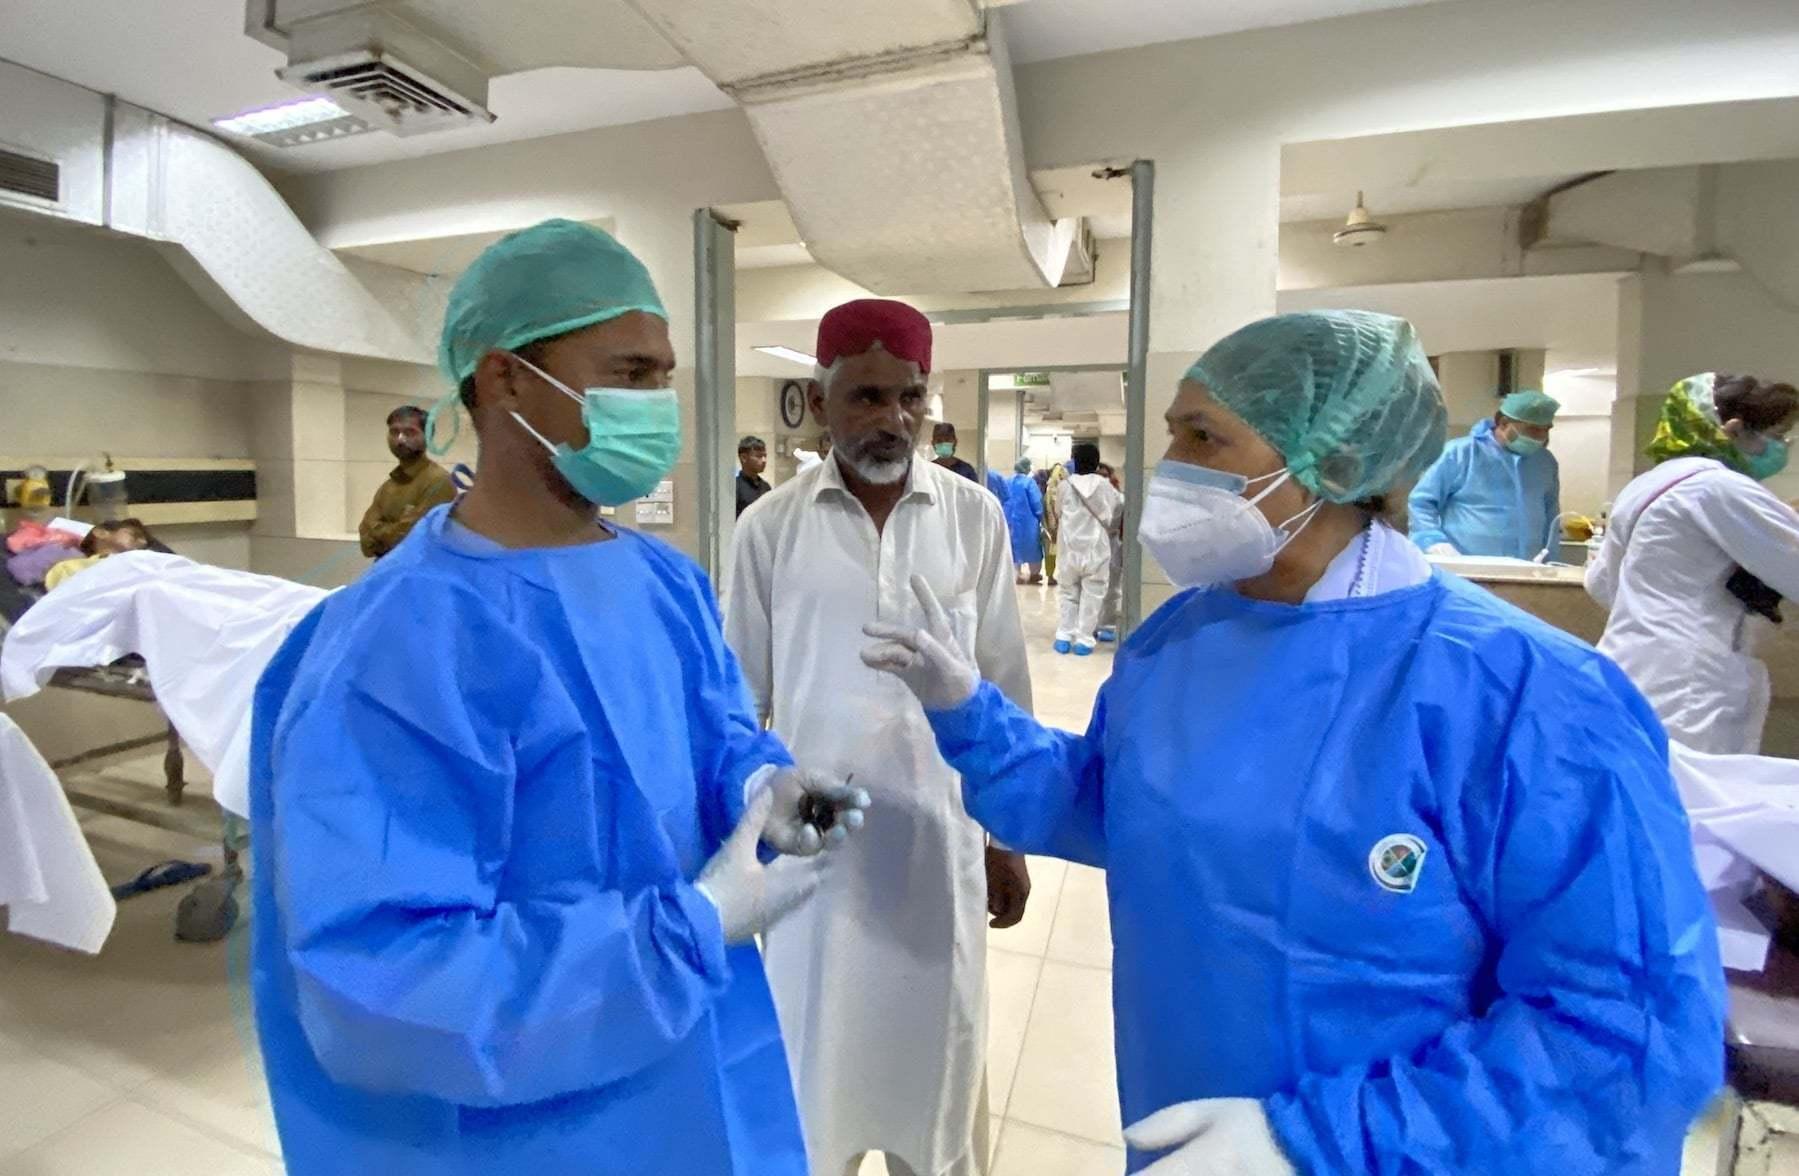 پاکستان میں کورونا وائرس سے مزید ایک ہزار 509 مریض صحتیاب، فعال کیسز 33 ہزار سے زائد